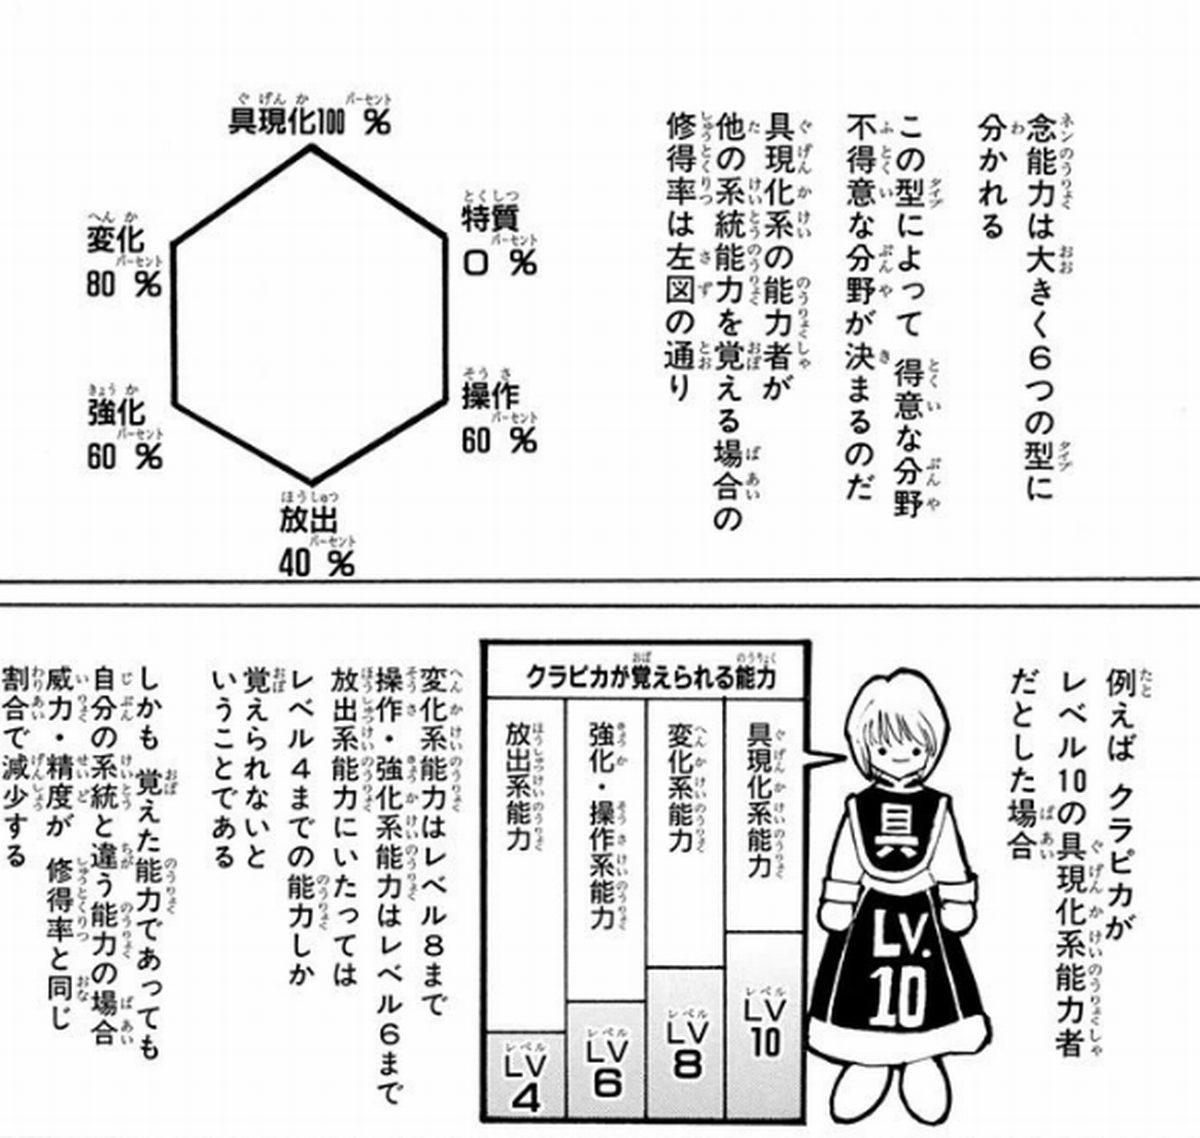 2019 11 27 14h30 15 - 今注目の漫画呪術廻戦はどこが面白いのか?見所を調査